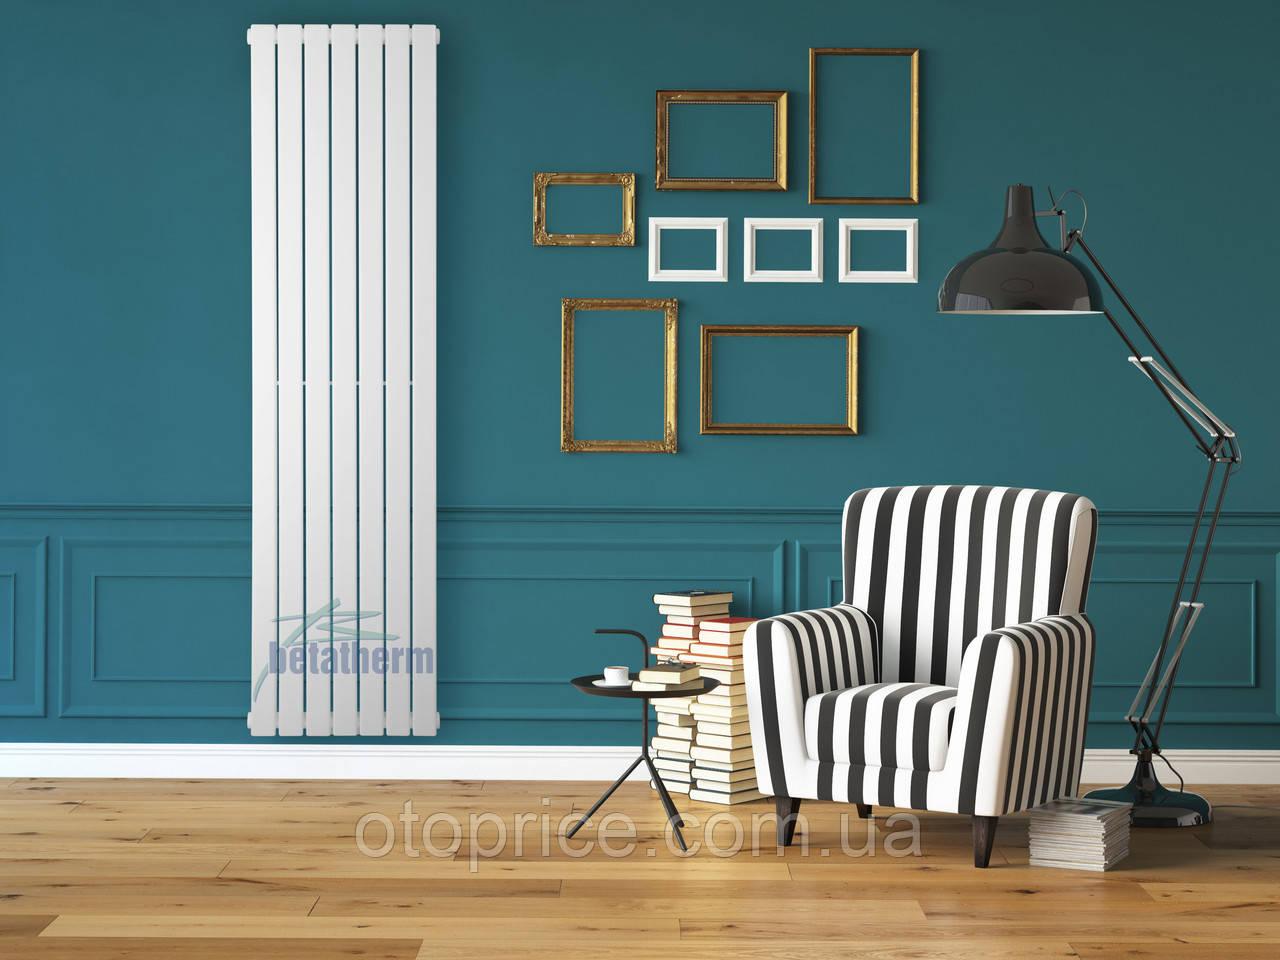 Дизайнерский вертикальный радиатор 1600/394 Blende Betatherm 10-12 м.кв.